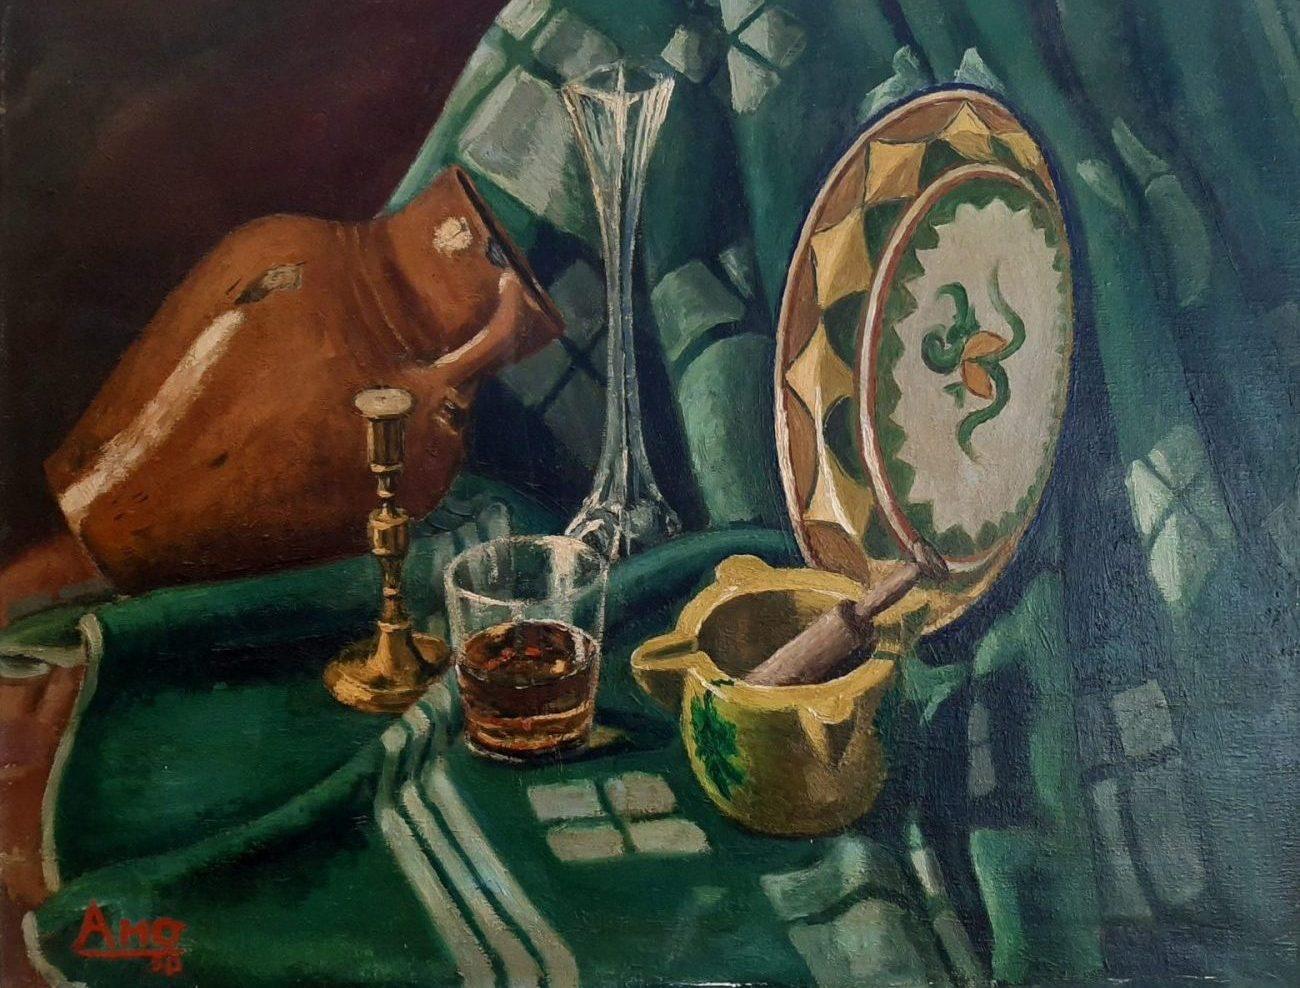 Juan Amo (1950). Bodegón. Óleo - Lienzo. Colección Privada.